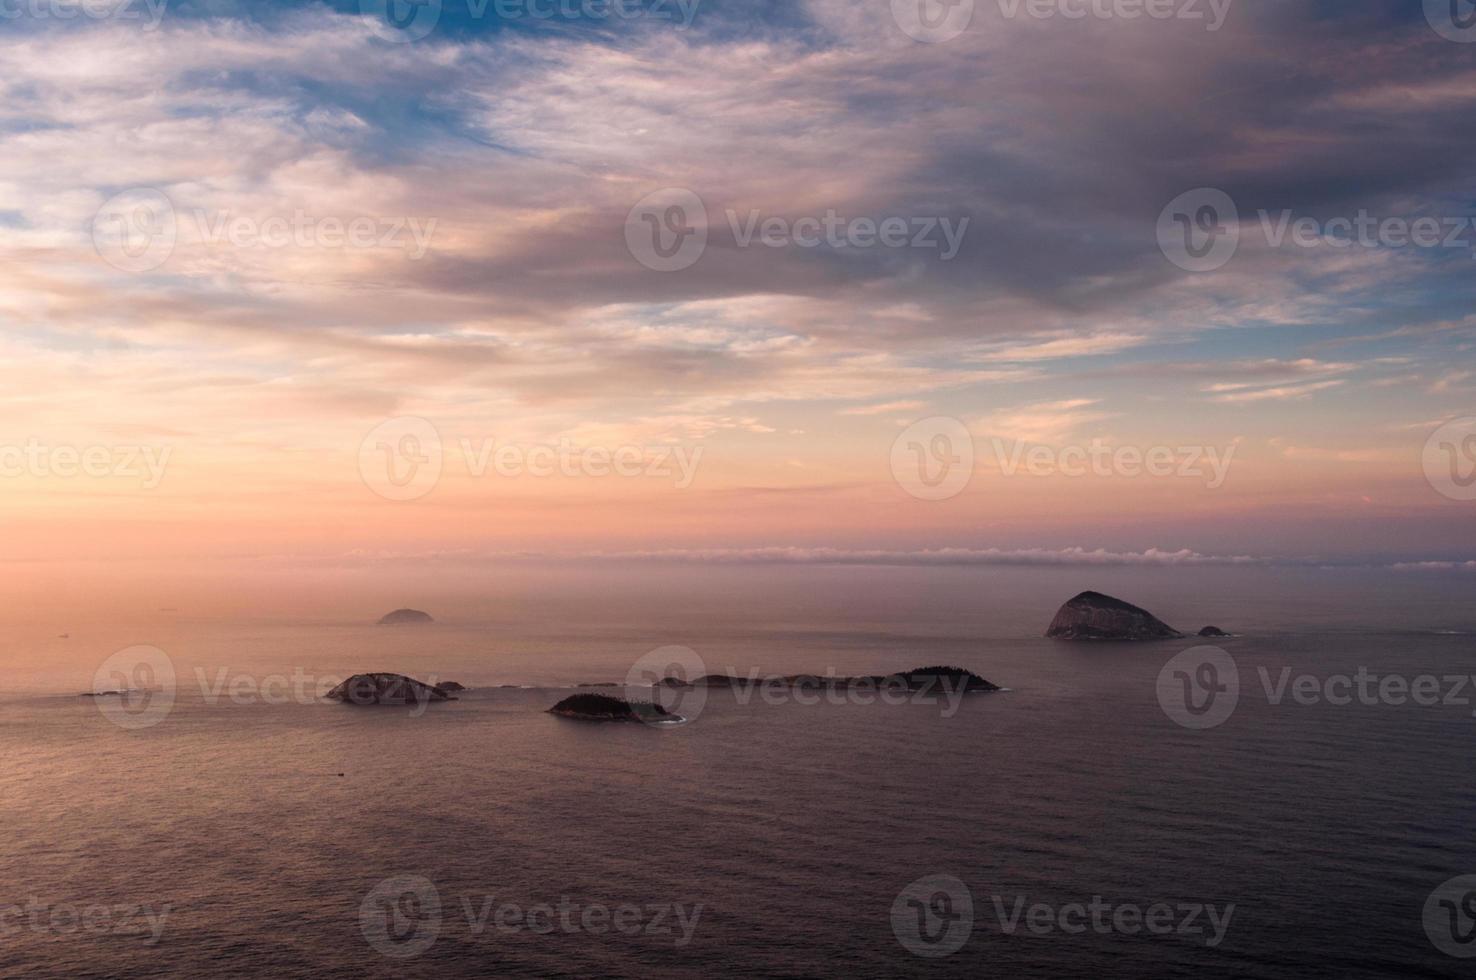 vista para o mar ao nascer do sol com ilhas no horizonte foto